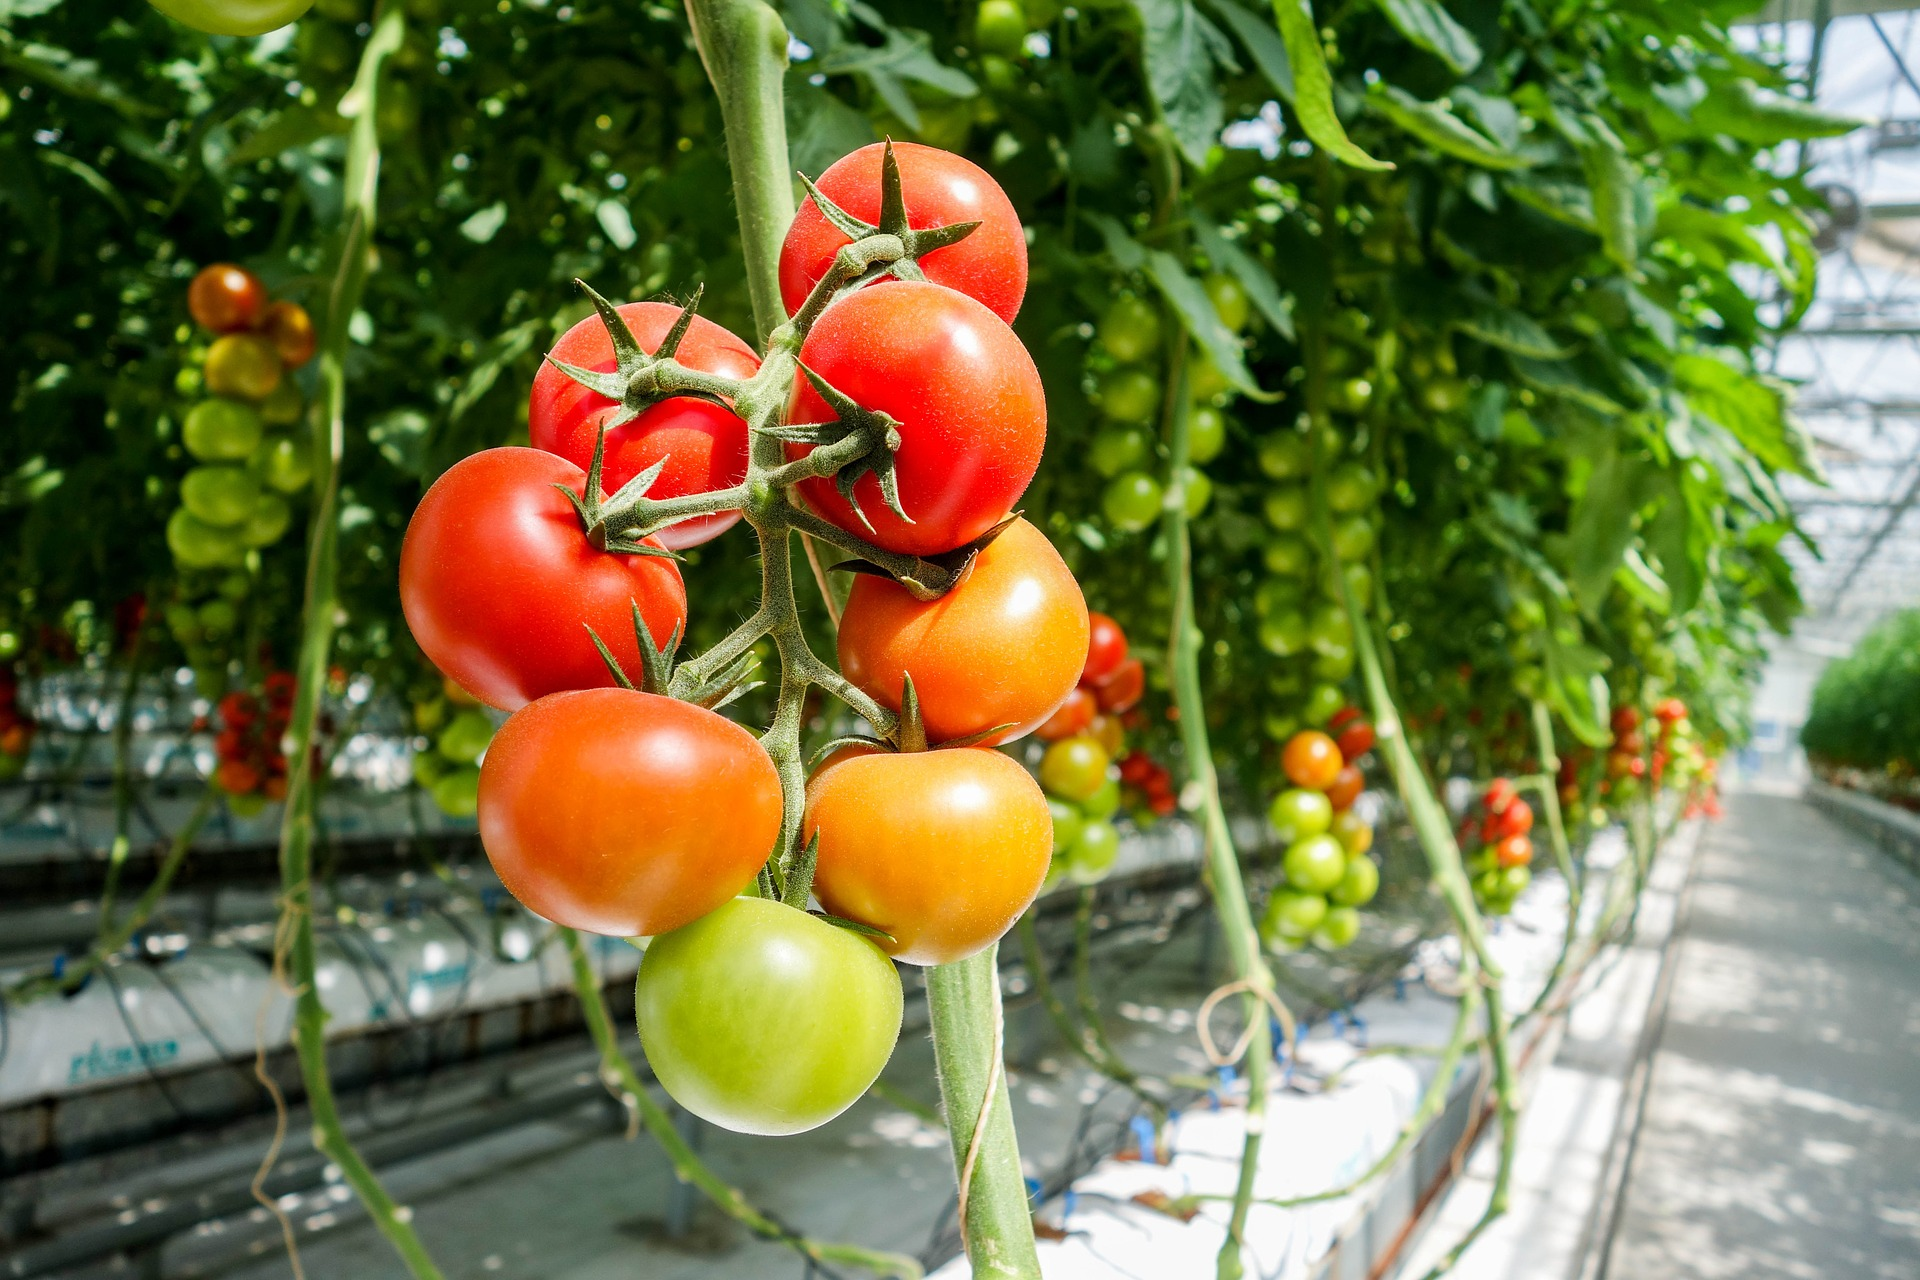 農業資材メーカーの誠和、収量予測ソフトのデモ版を無料公開